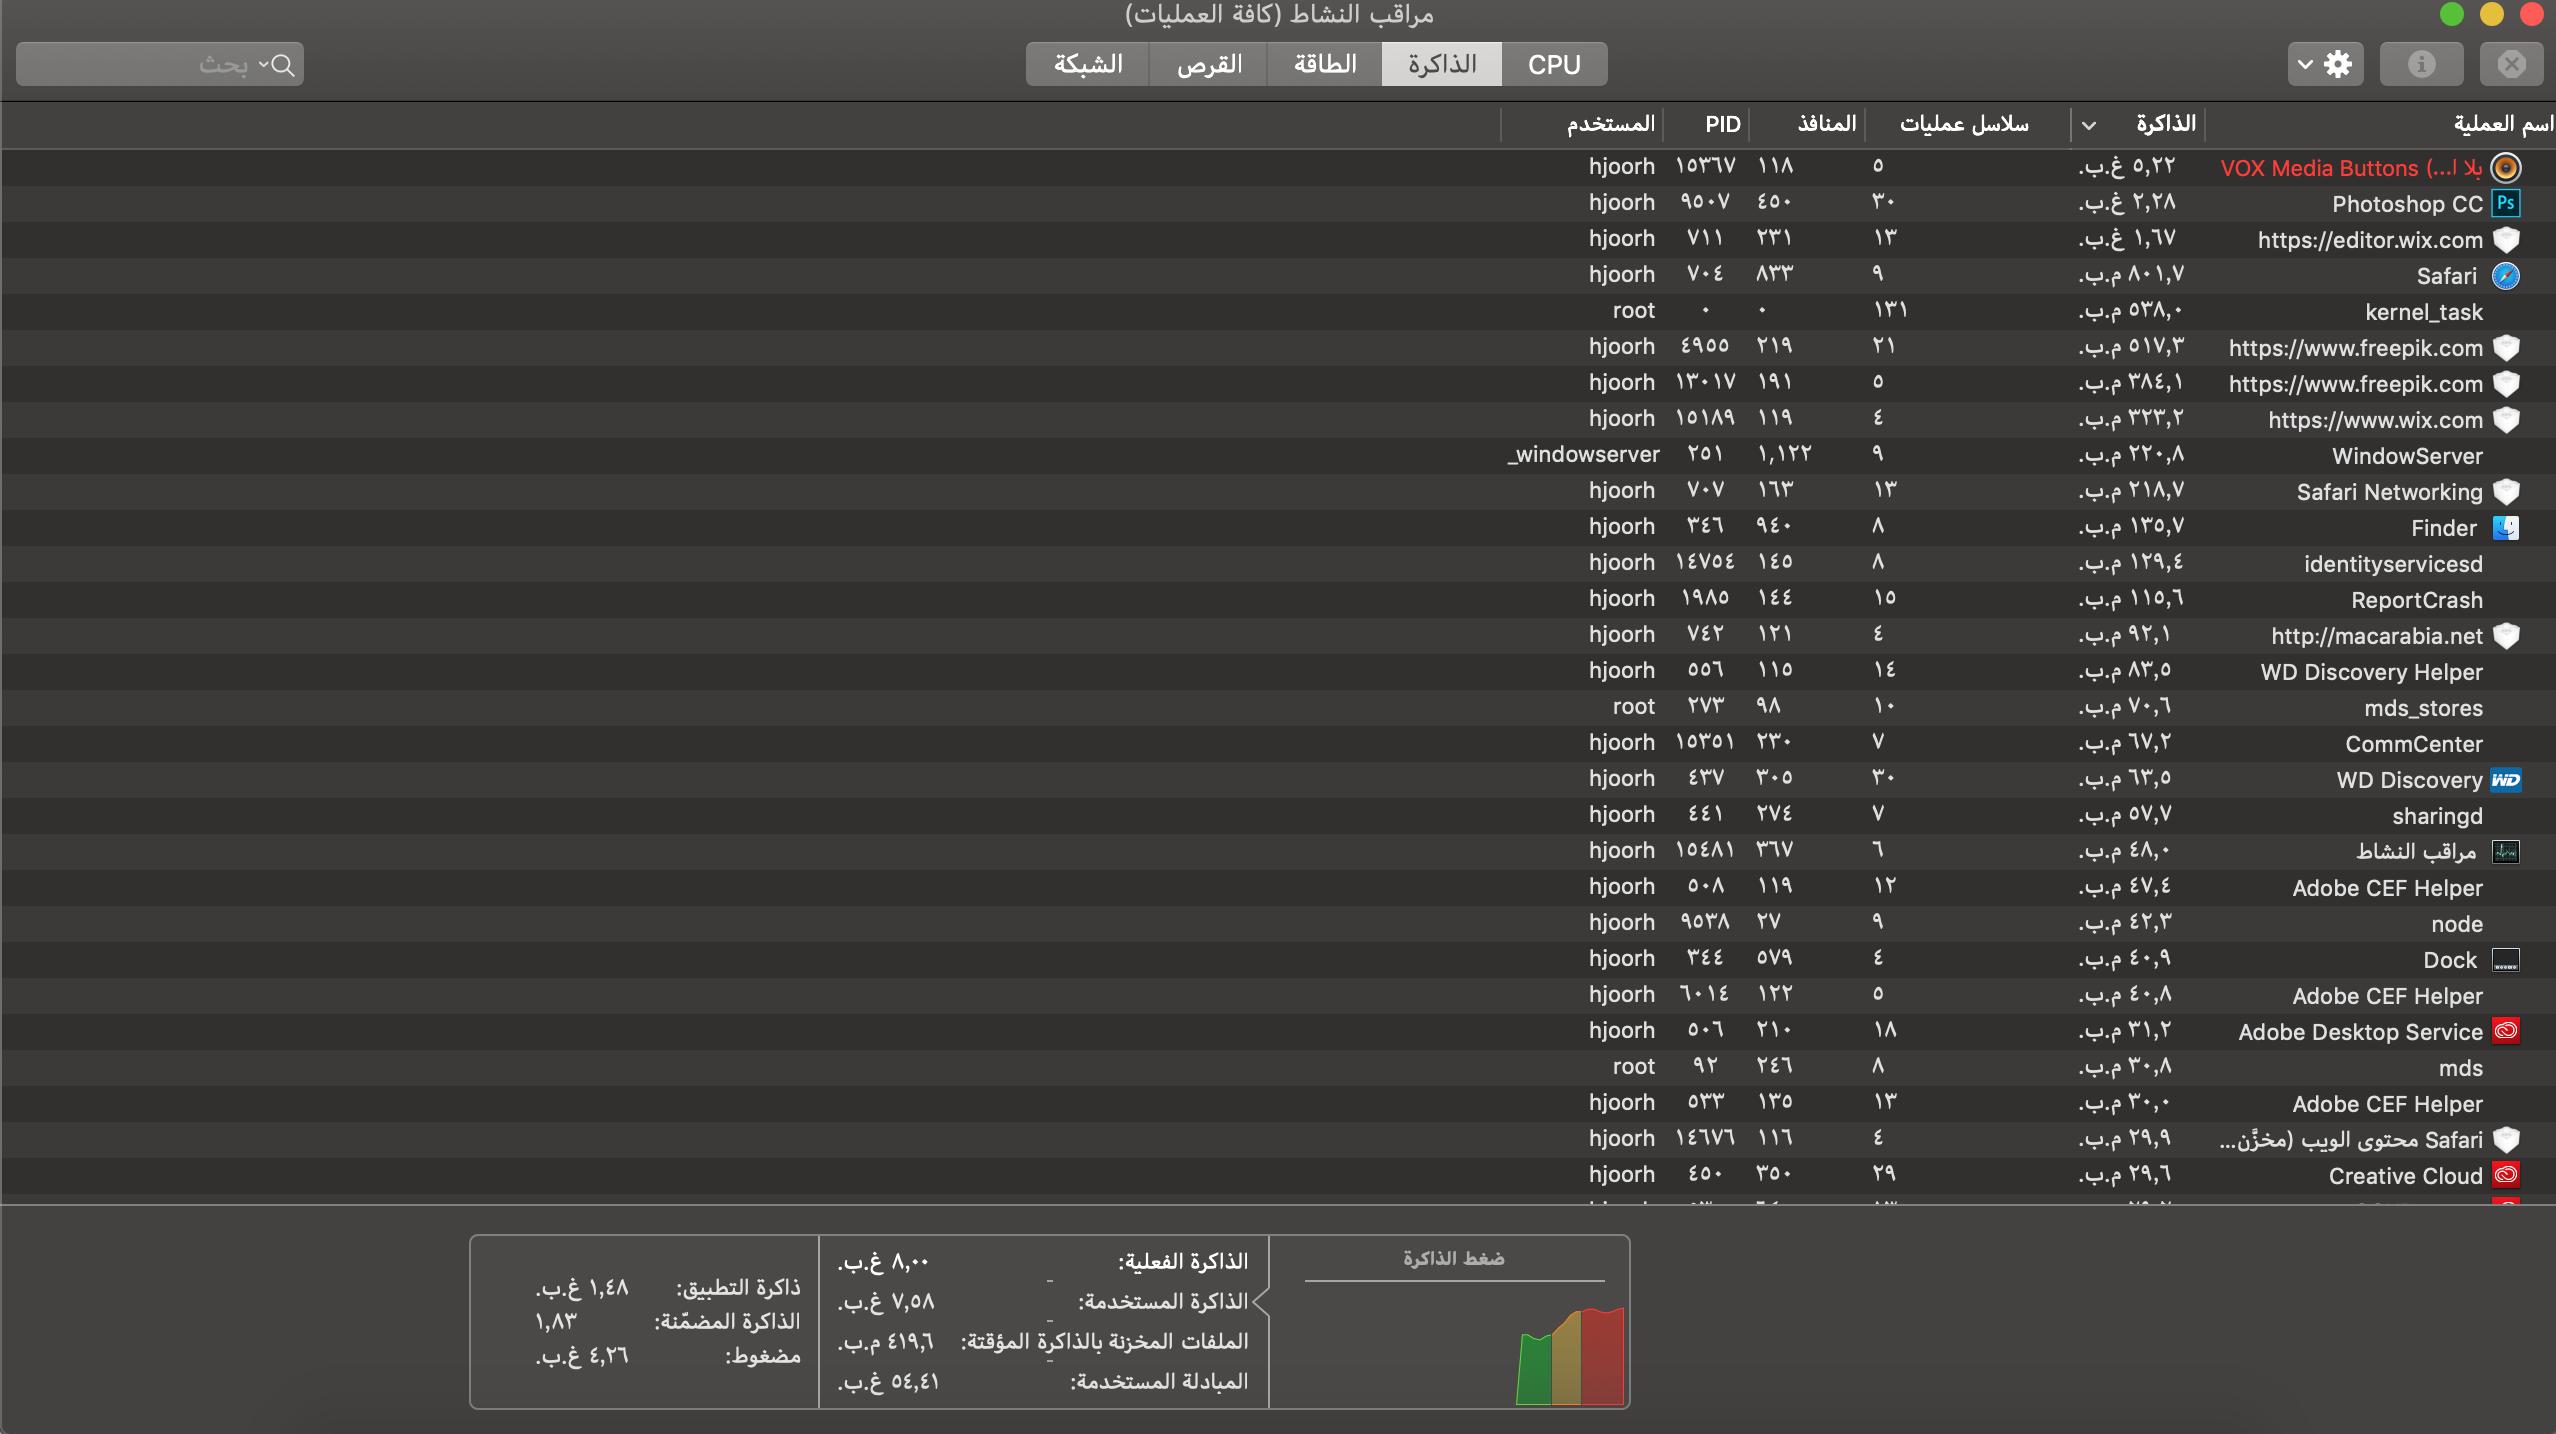 لقطة الشاشة ٢٠١٩-٠٨-٢٥ في ١.١٩.١٥ص.png